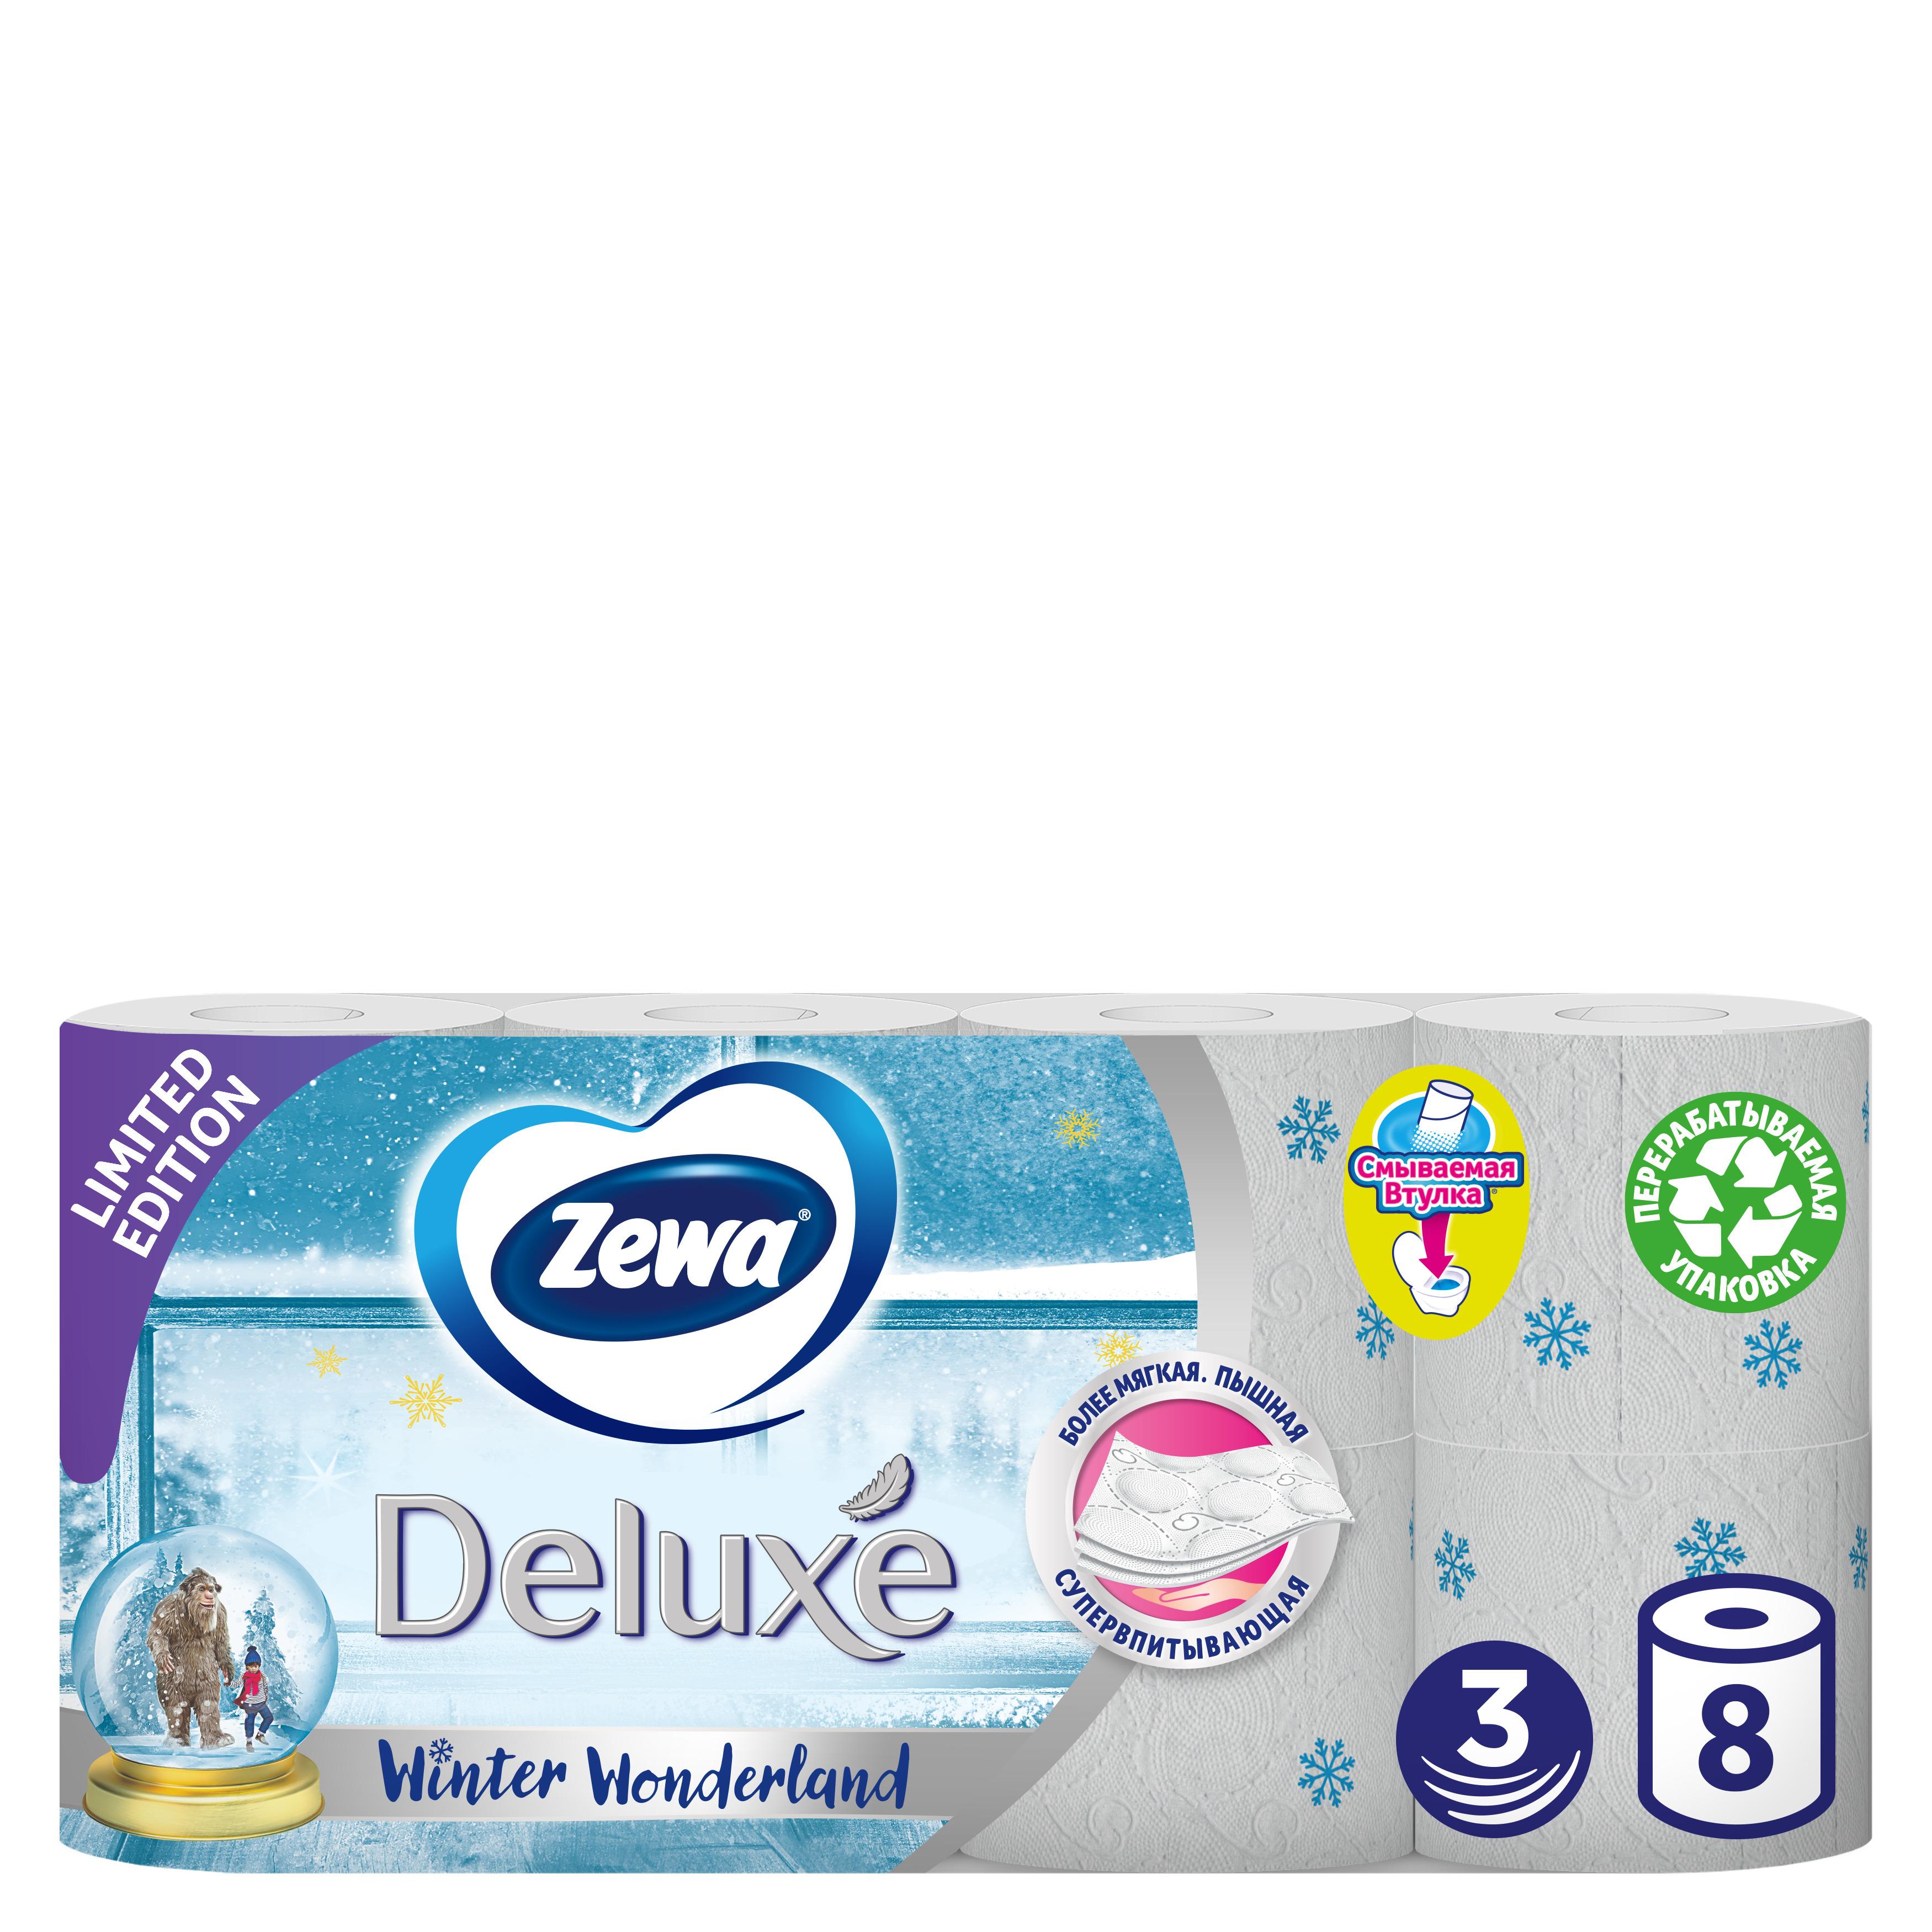 Купить Туалетная бумага Zewa Deluxe Белая, 3 слоя, 8 рулонов, туалетная бумага 5366